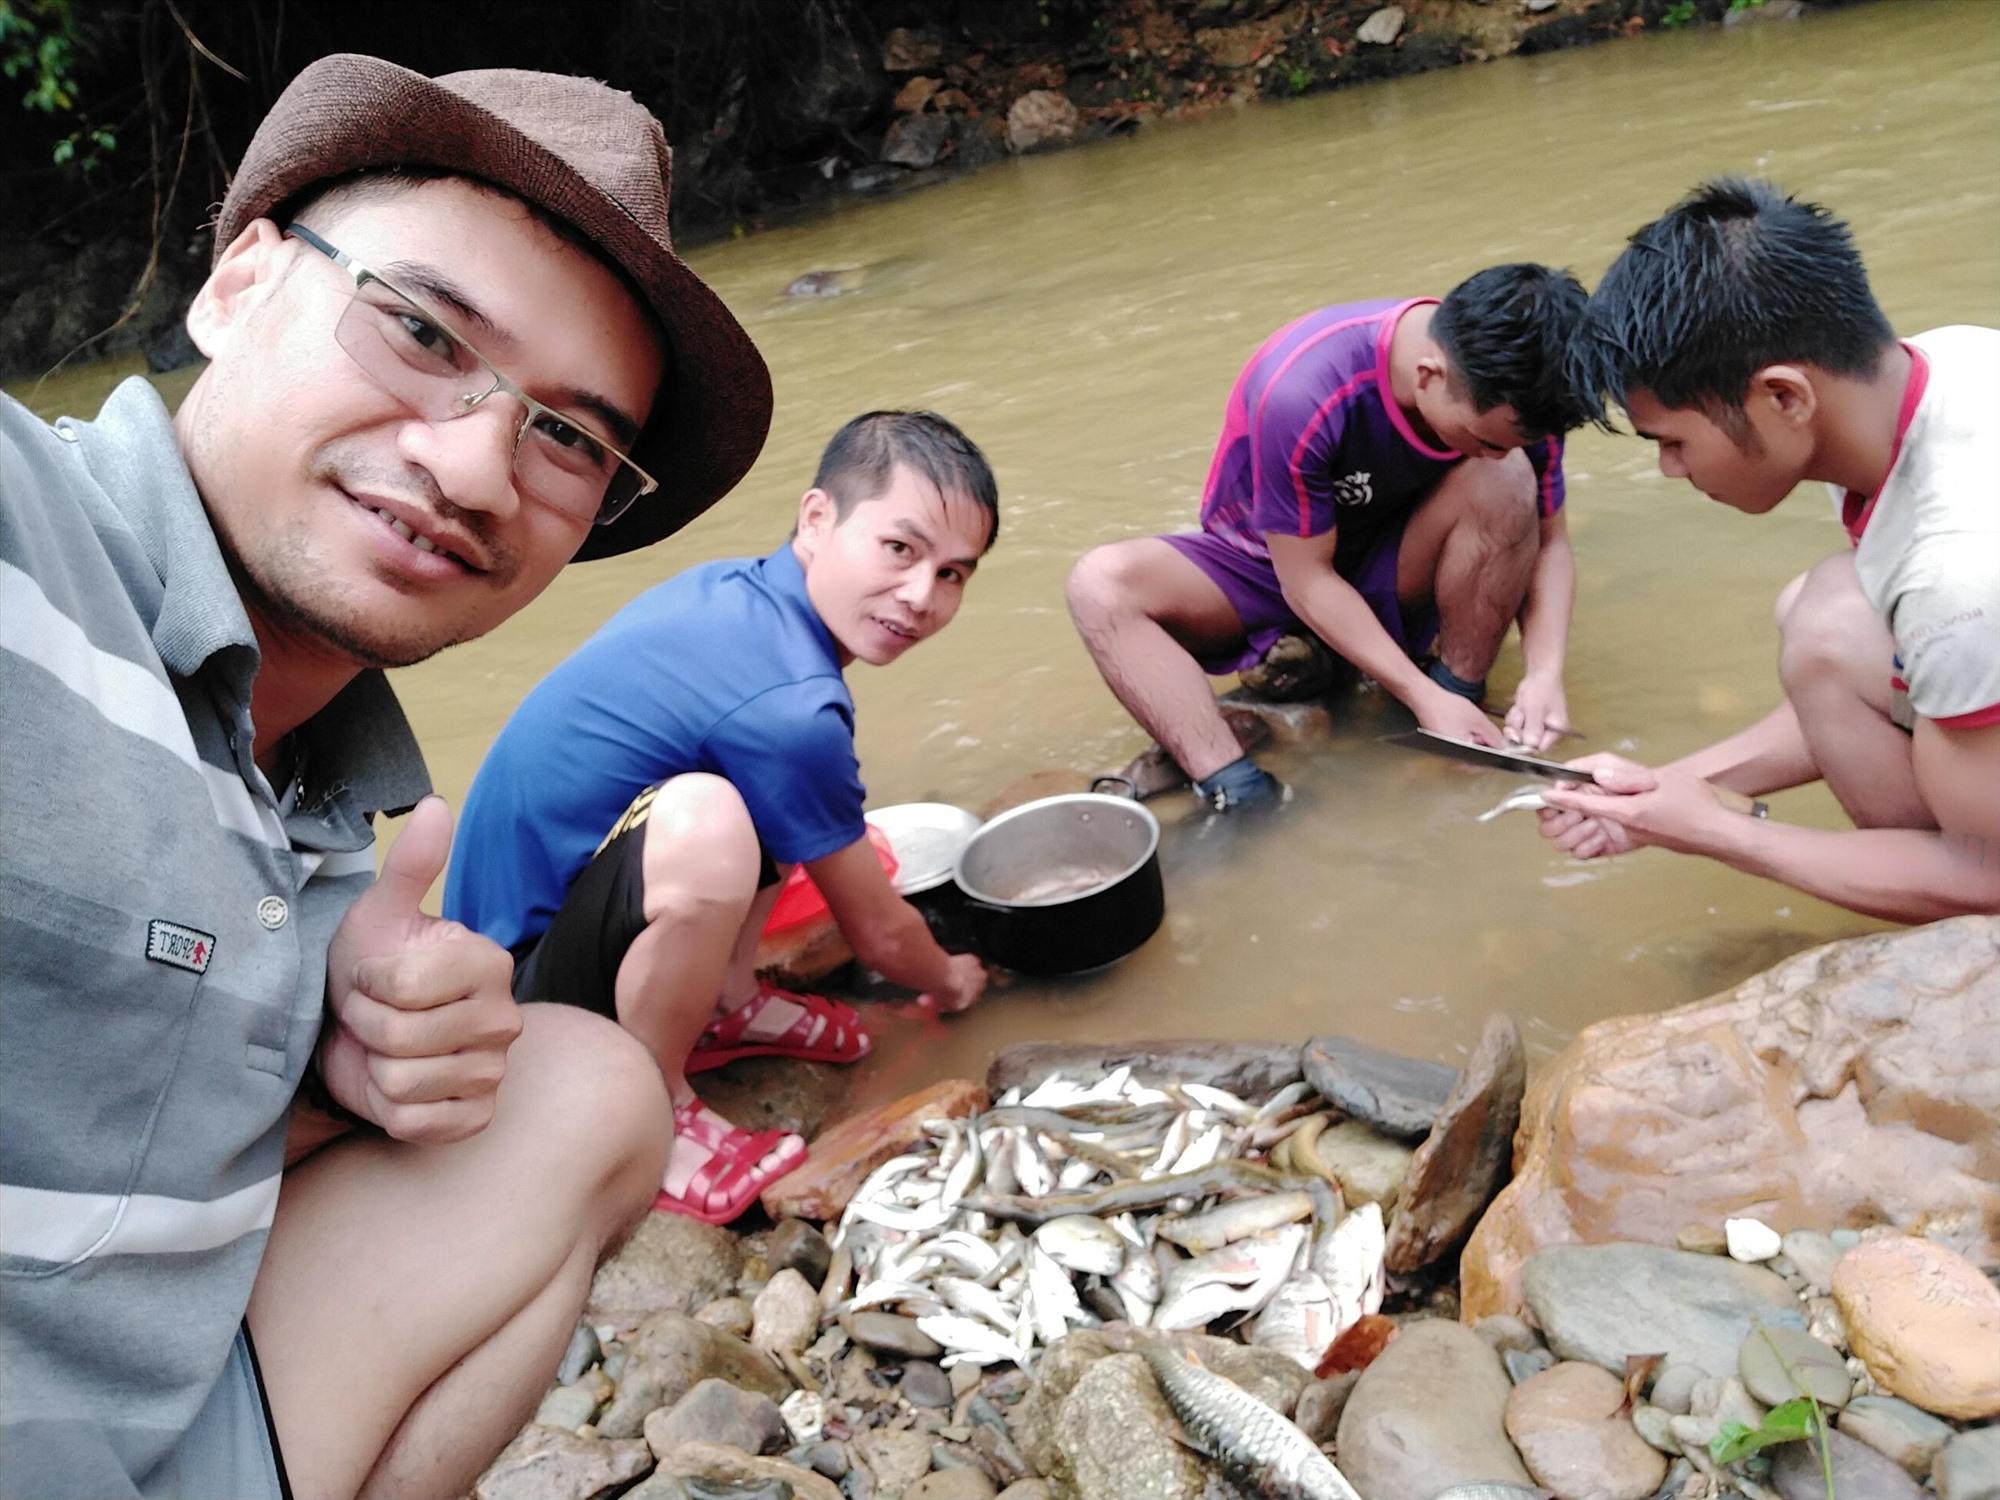 """Tác giả và thành quả trong một buổi sáng bắt cá với các thành viên """"săn bắt cá"""" dọc sông Lăng."""